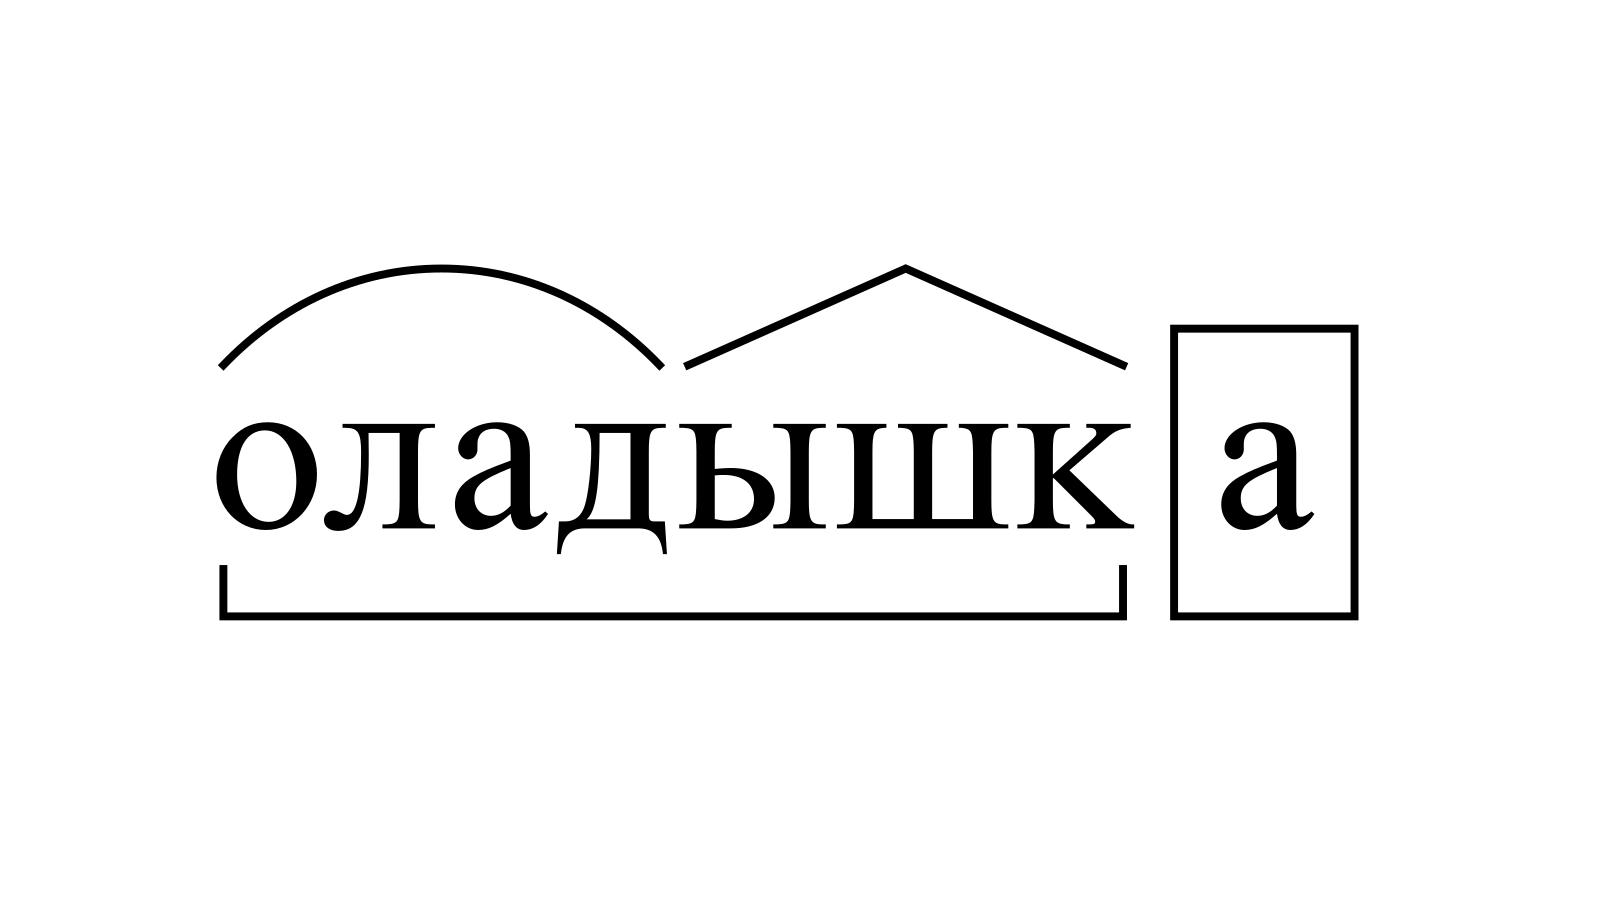 Разбор слова «оладышка» по составу